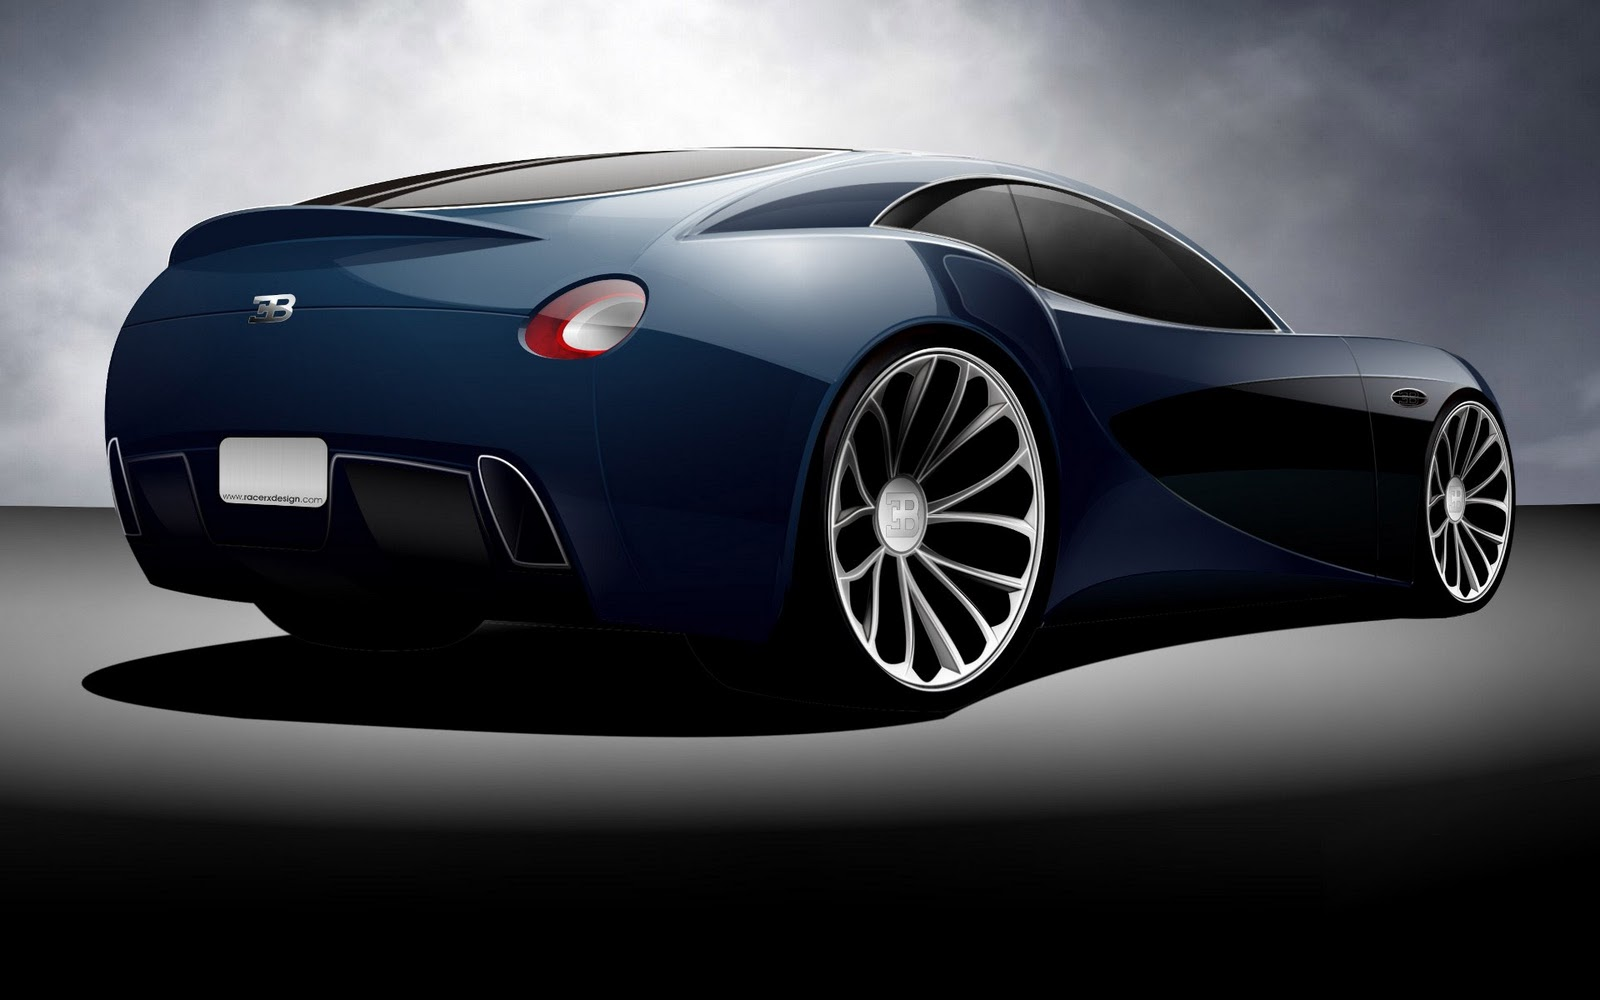 Super Concept Cars